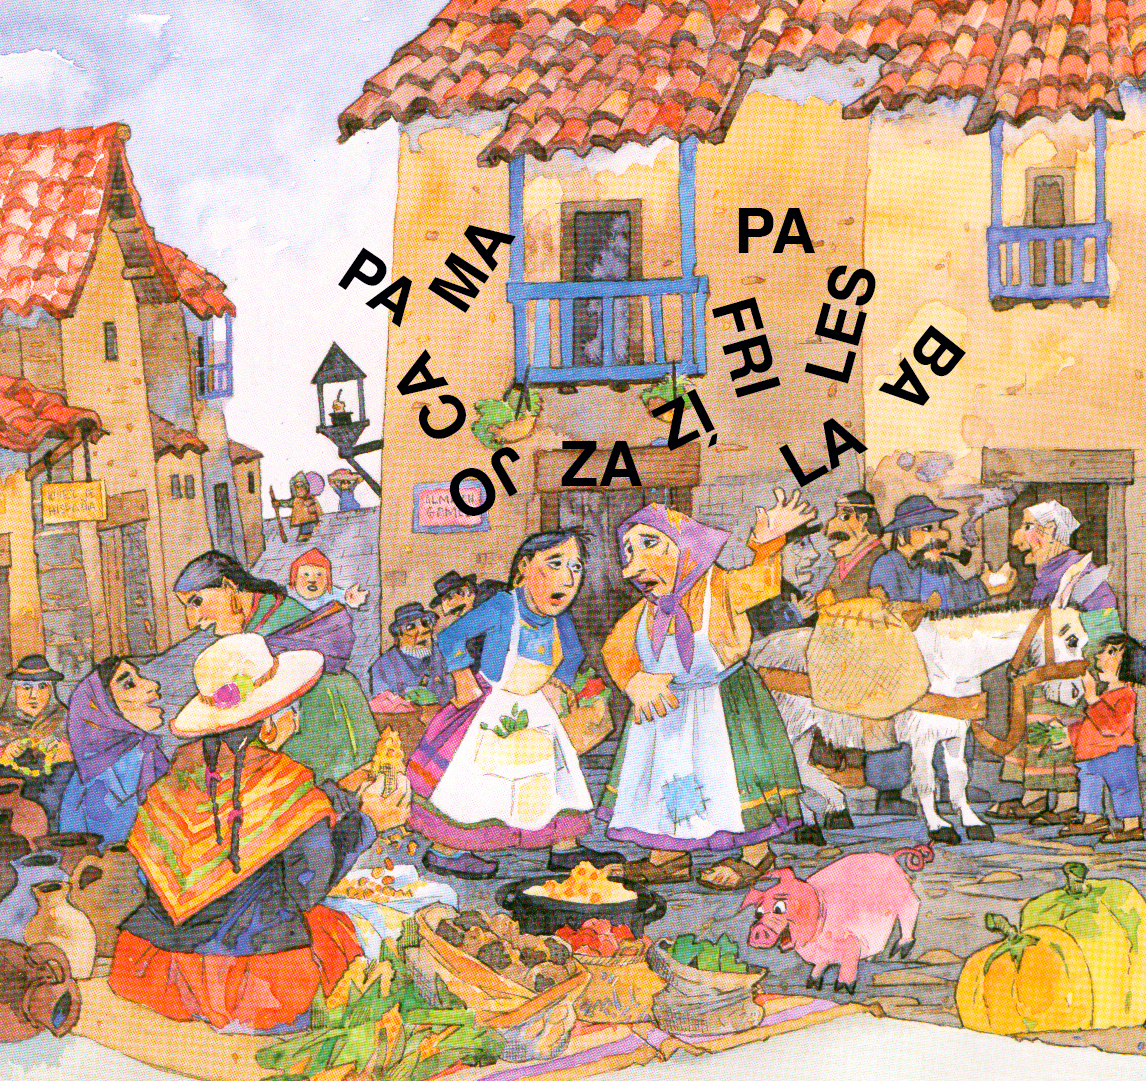 <em>En esta feria del norte de Argentina, Carmen y Florinda no pueden recordar qu&eacute; comprar. &iexcl;Las s&iacute;labas de sus palabras se separaron! &iquest;puedes ayudarlas a juntar las 4 palabras?</em><br />&nbsp;